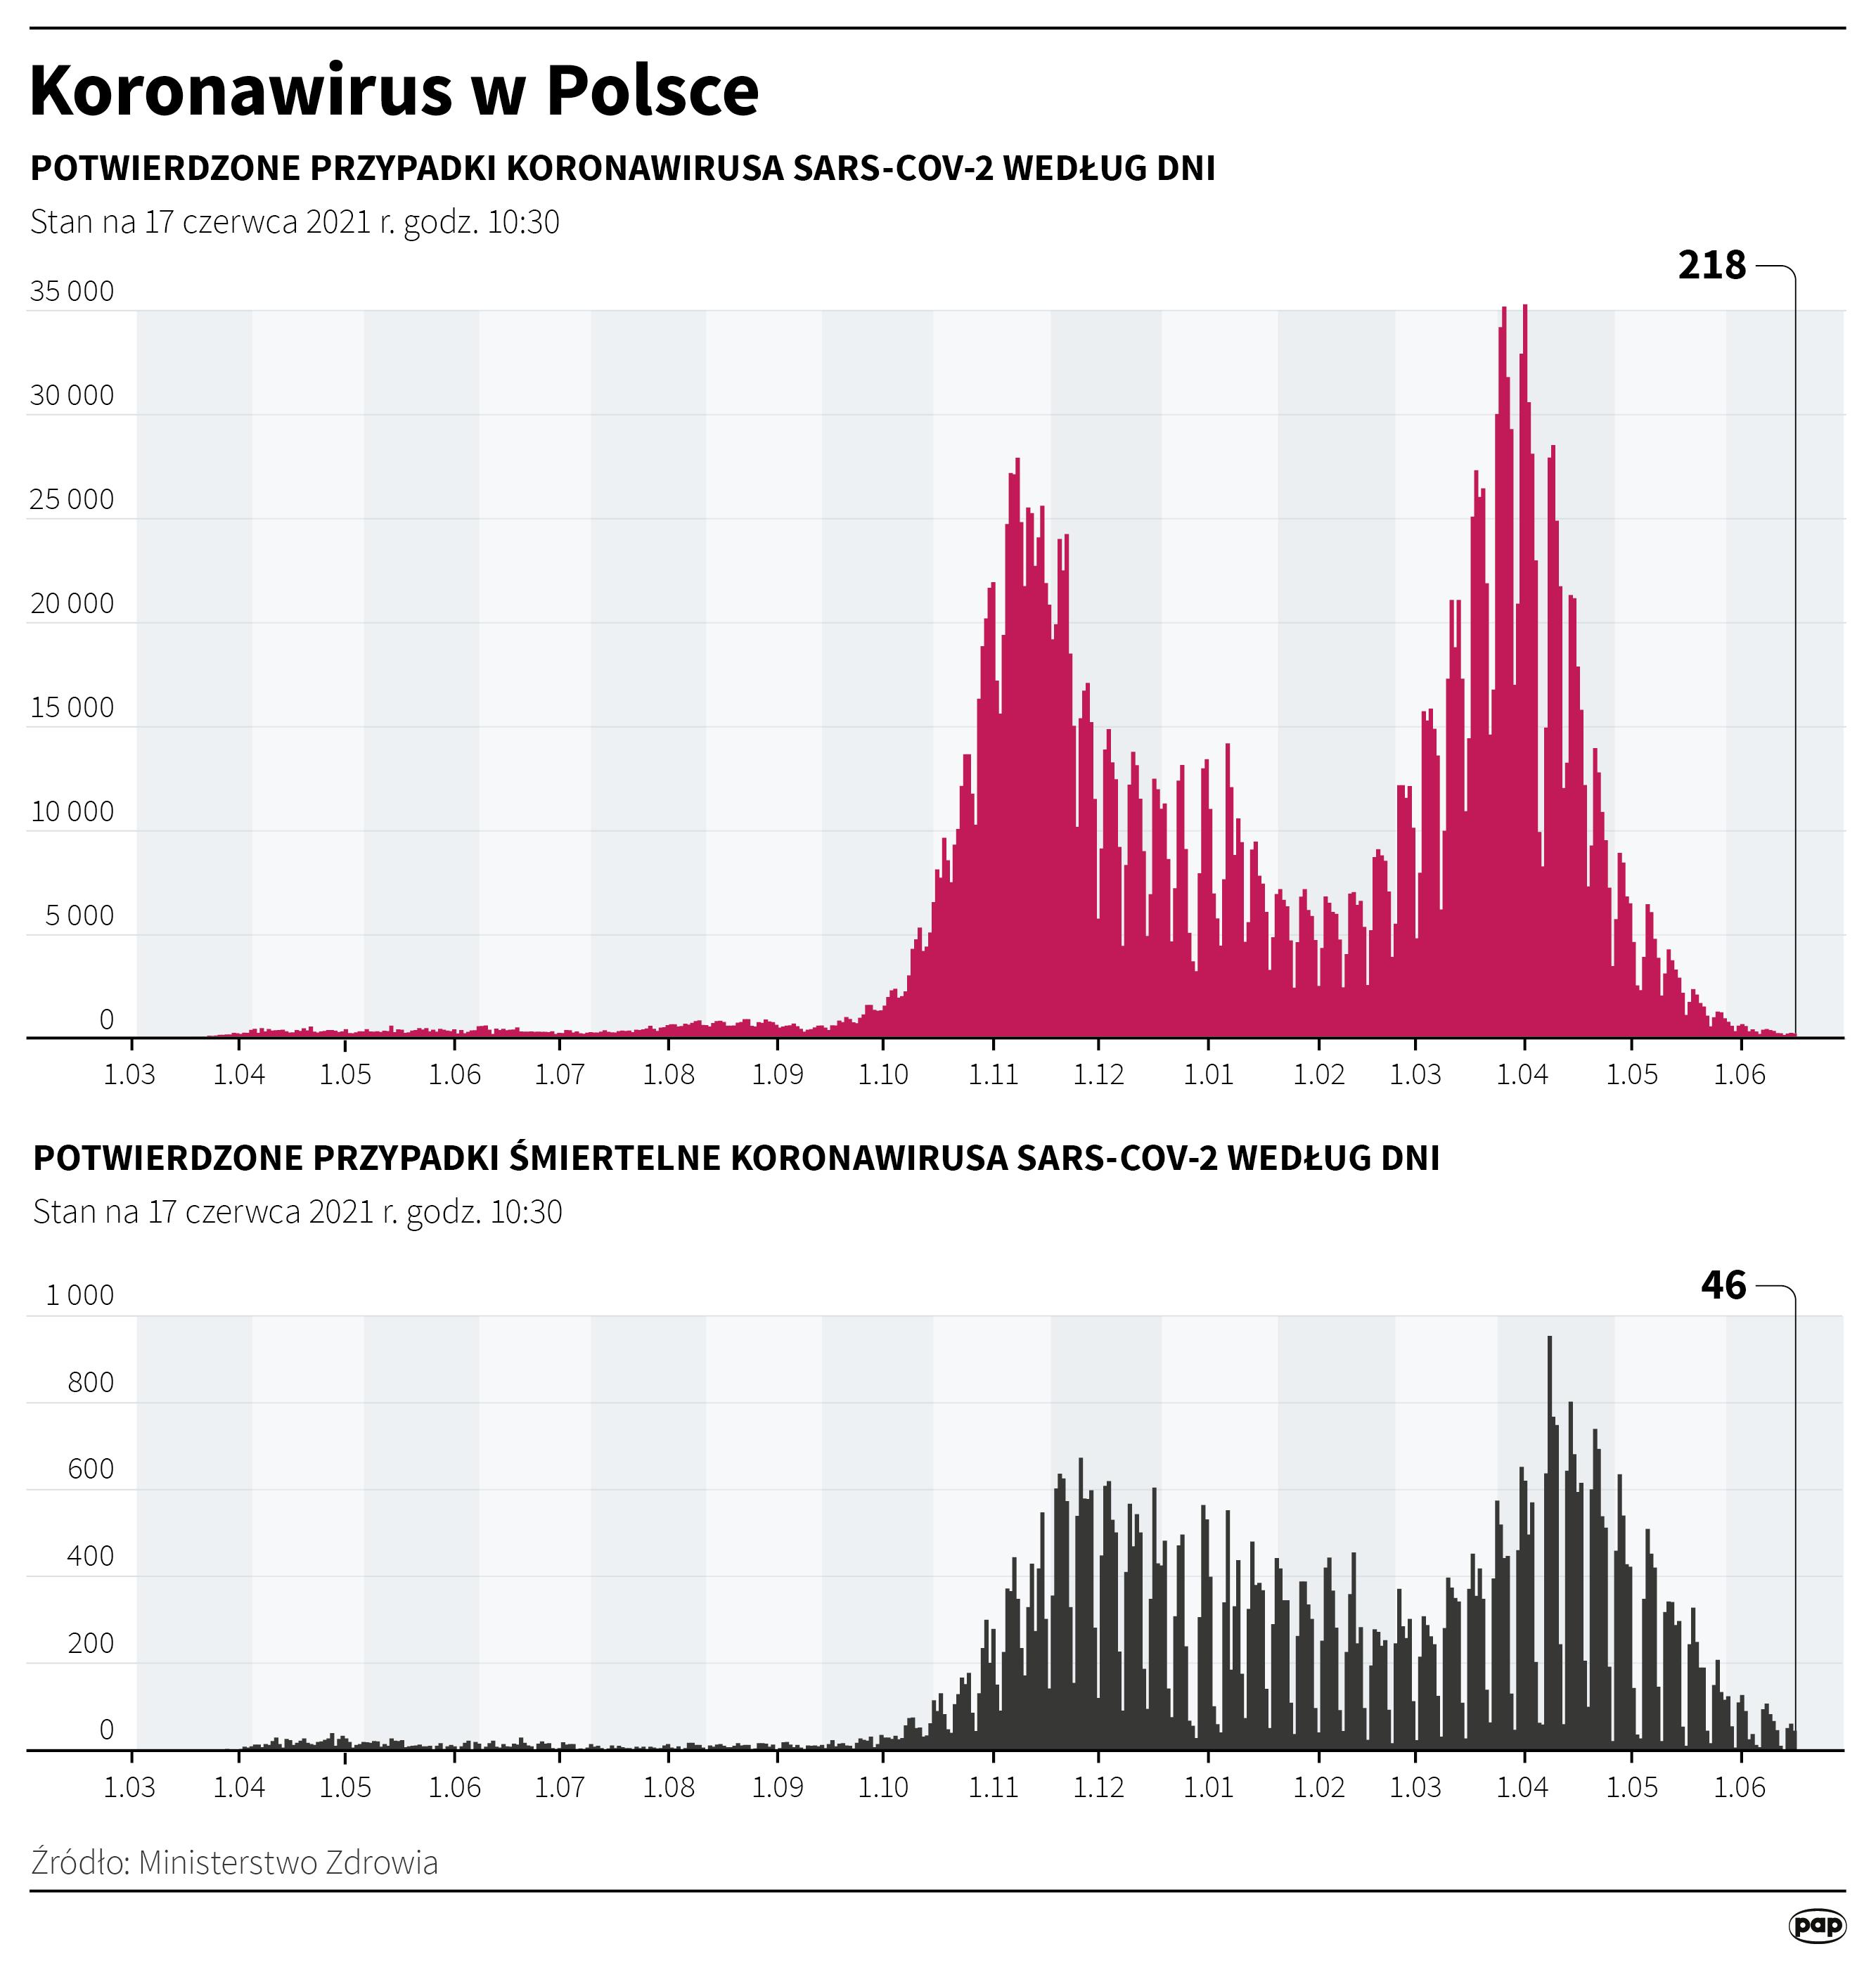 Koronawirus w Polsce - stan na 17 czerwca [Autor: Adam Ziemienowicz, źródło: PAP]